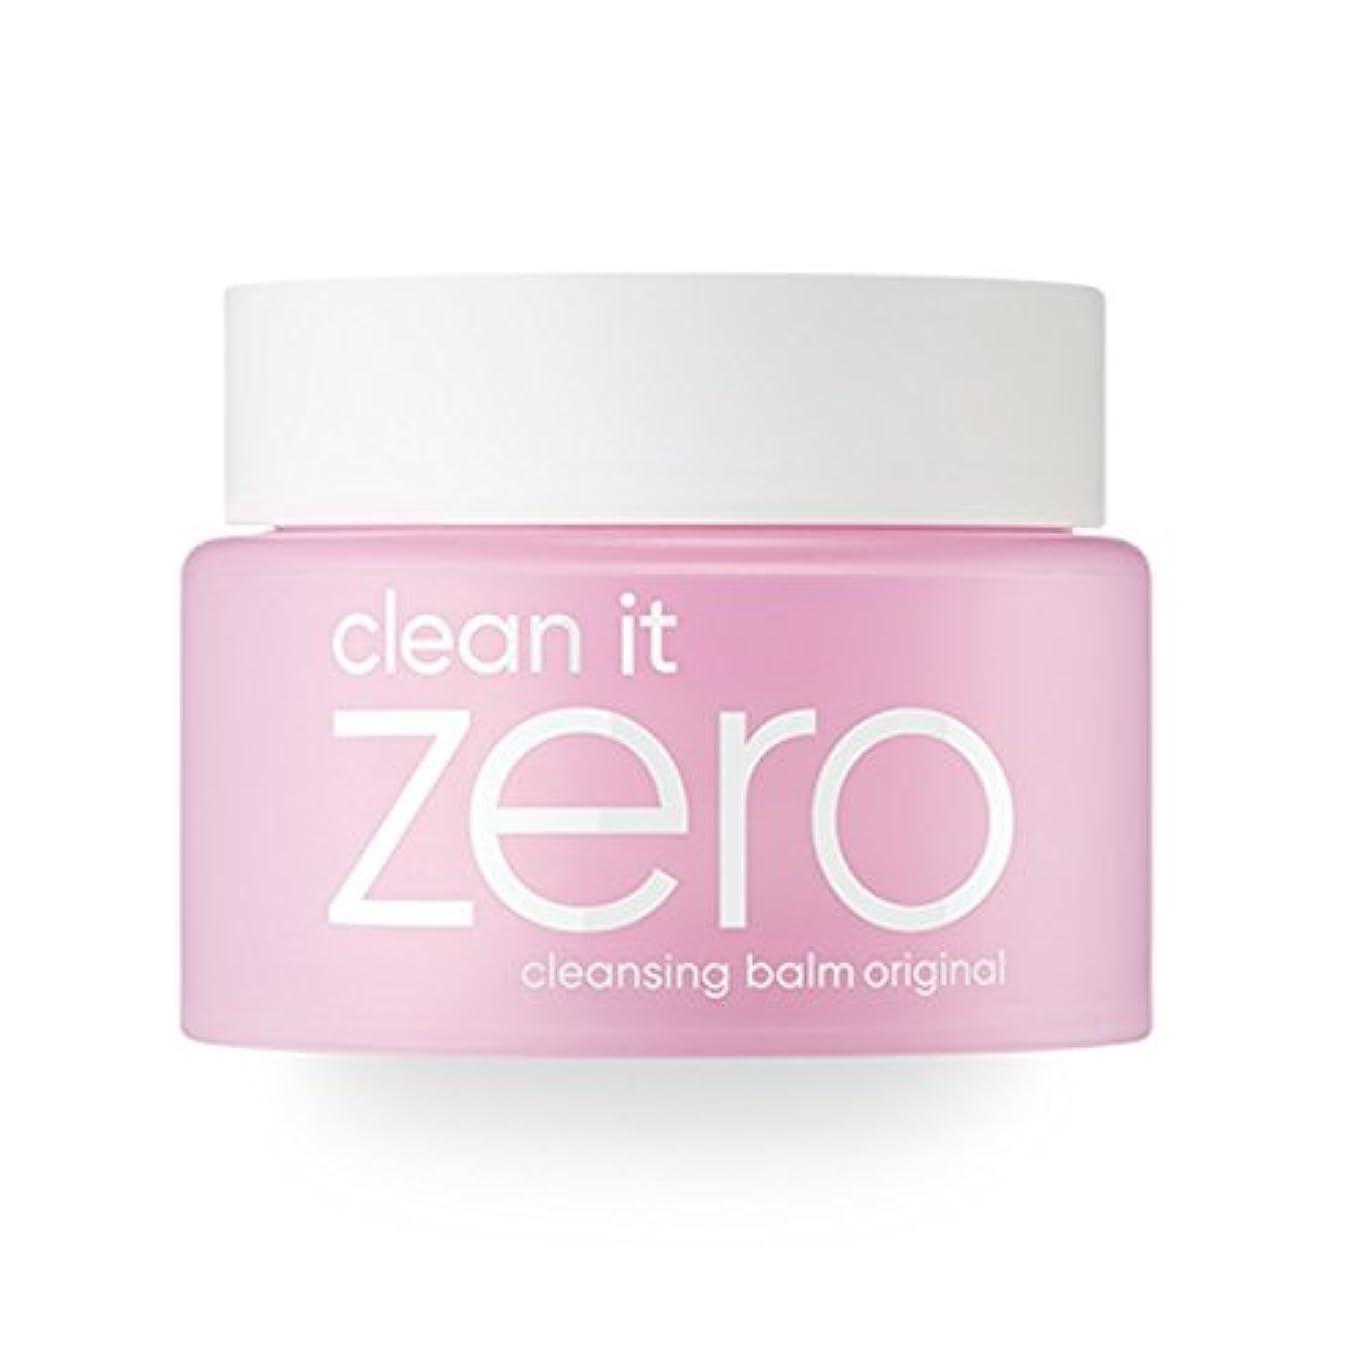 みなさん競争定義Banila.co クリーン イット ゼロ クレンジングバーム オリジナル / Clean it Zero Cleansing Balm Original (100ml)